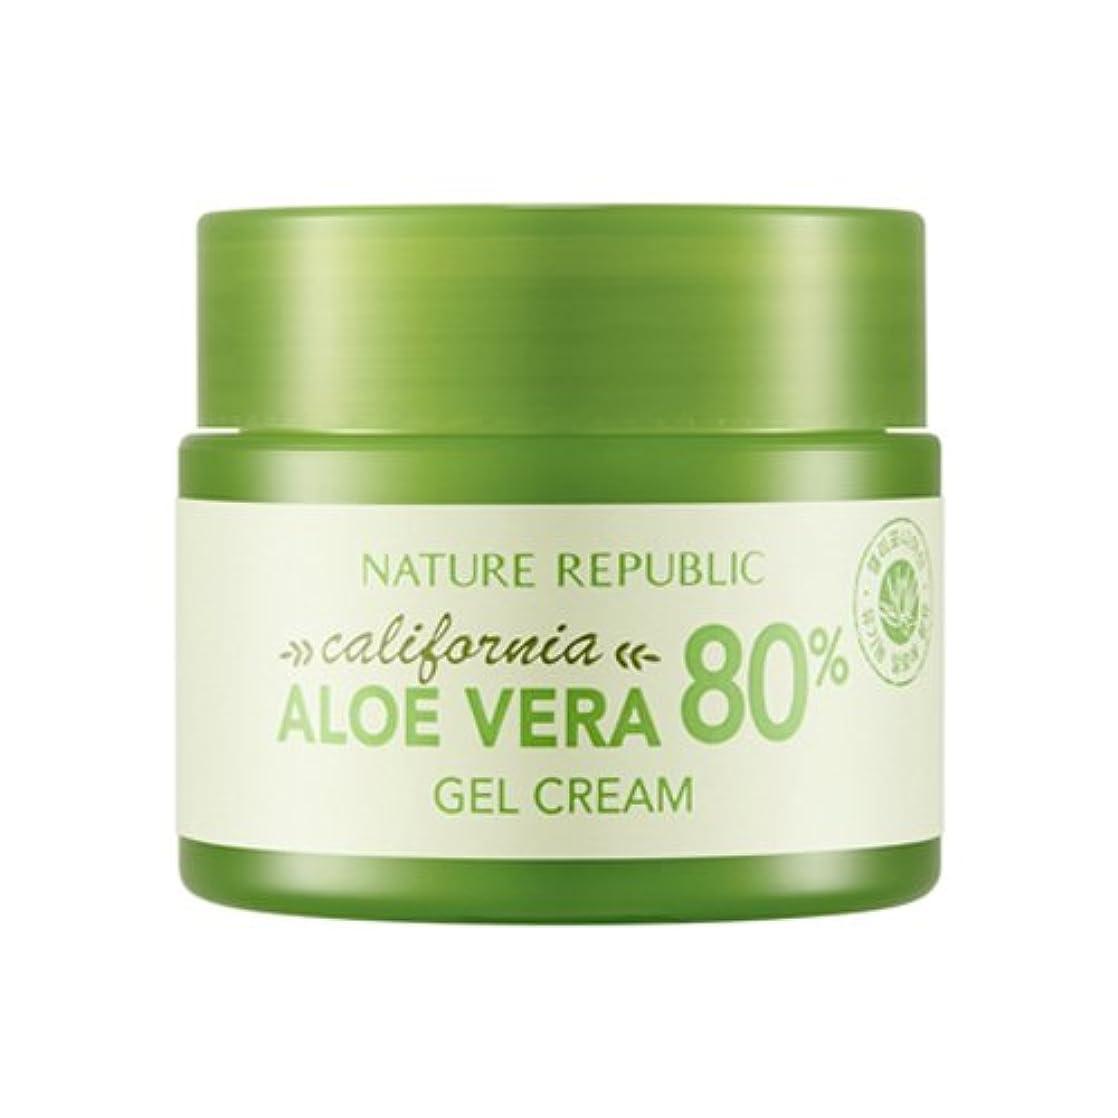 肯定的ビリー苗[ネイチャーリパブリック] Nature Republic カリフォルニアアロエベラ80%のゲルクリーム California Aloe Vera 80% Gel Cream [並行輸入品]